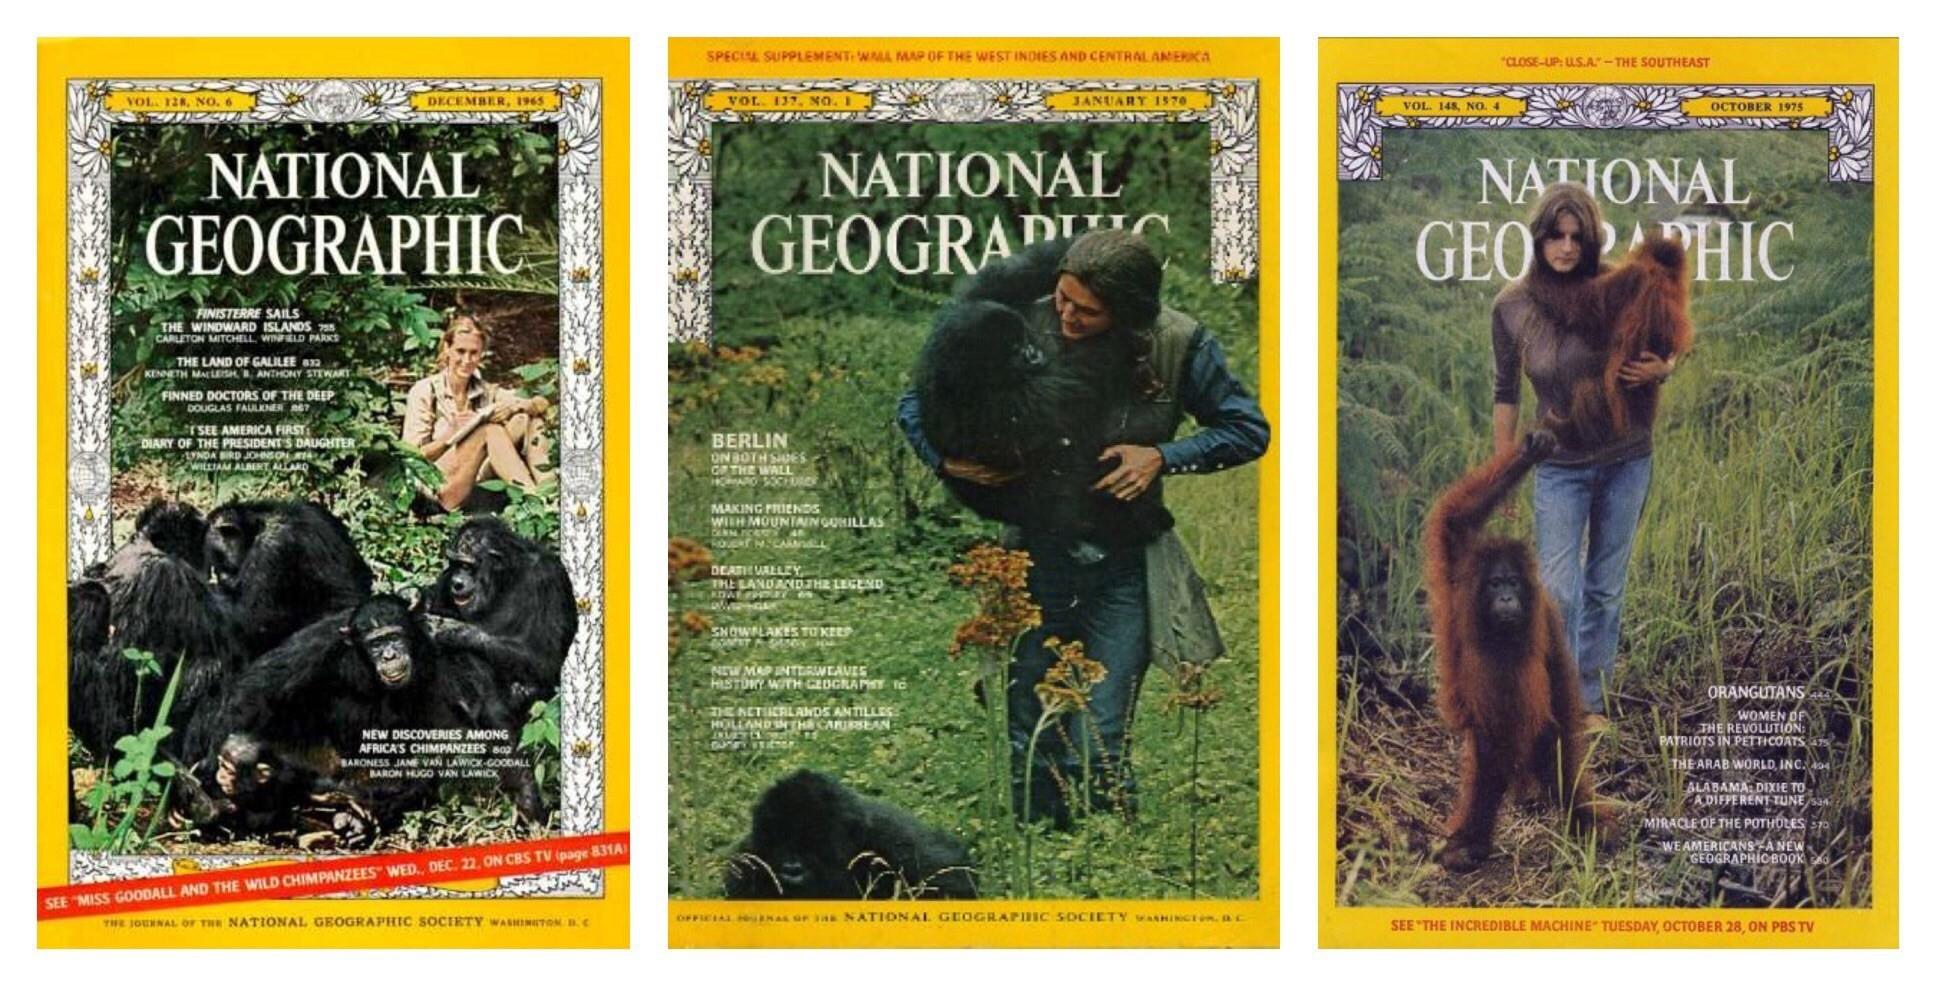 """""""Trimatas"""" nas capas da National Geographic (Foto: via KateOnConservation)"""